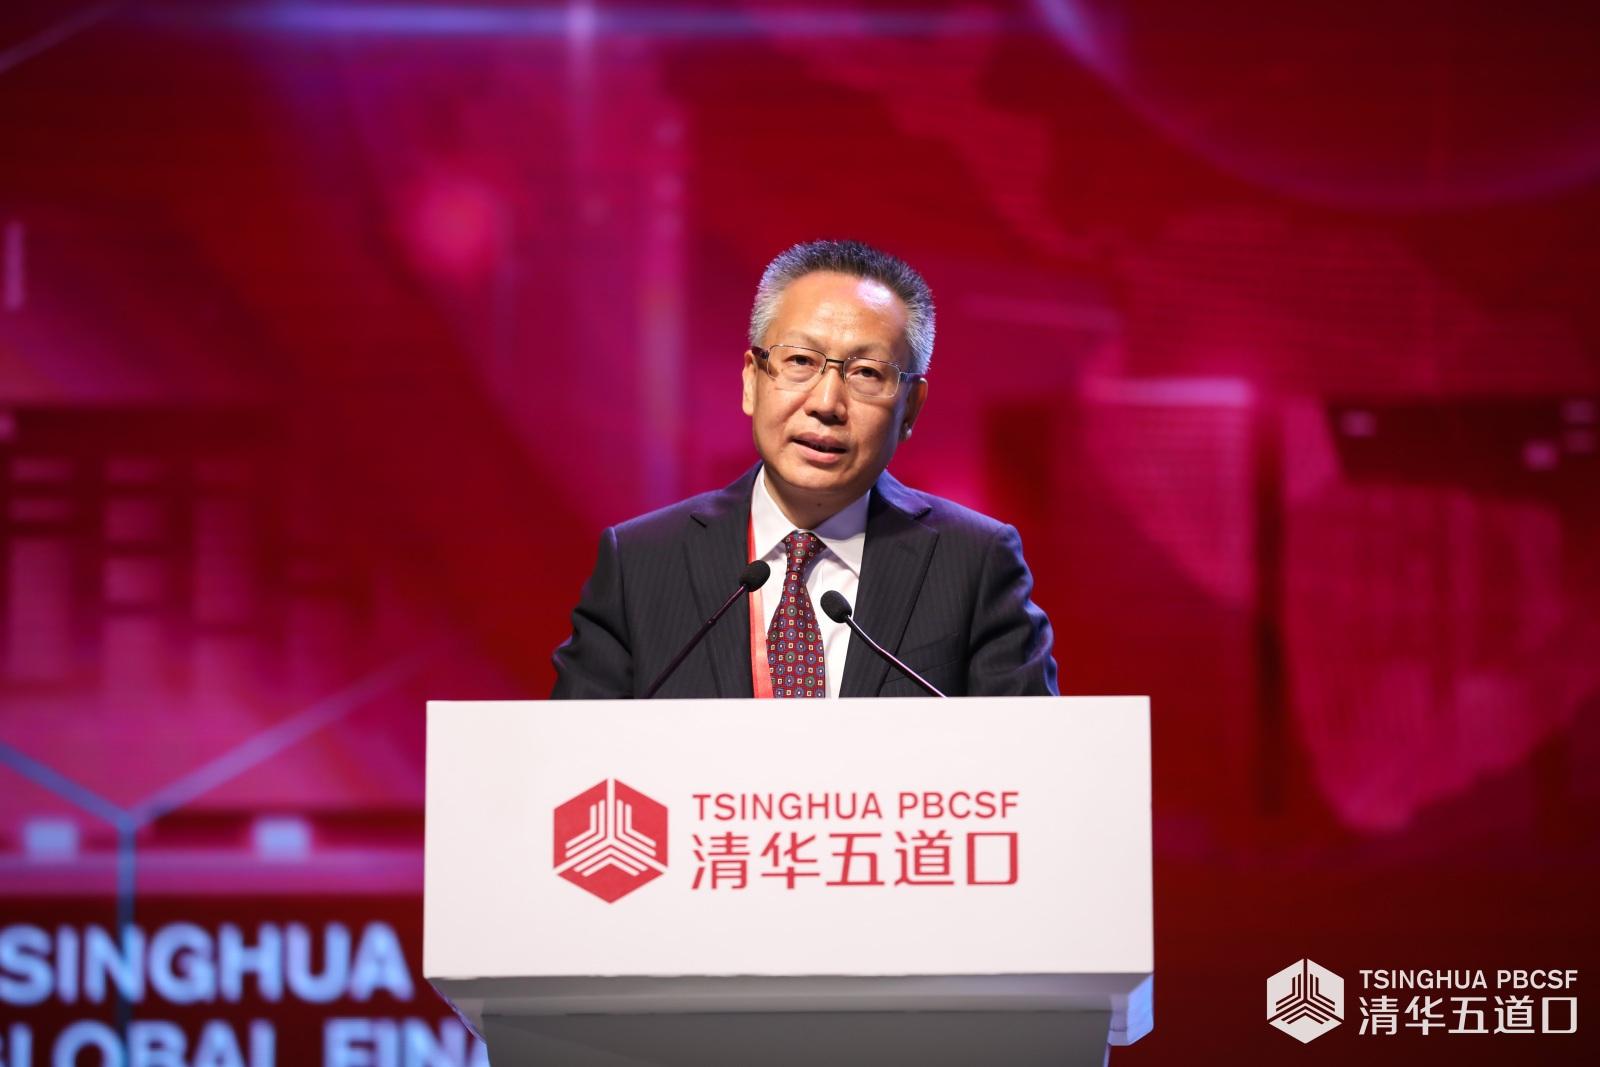 张健华:银行财富管理在全方位的布局未来得零售者得天下